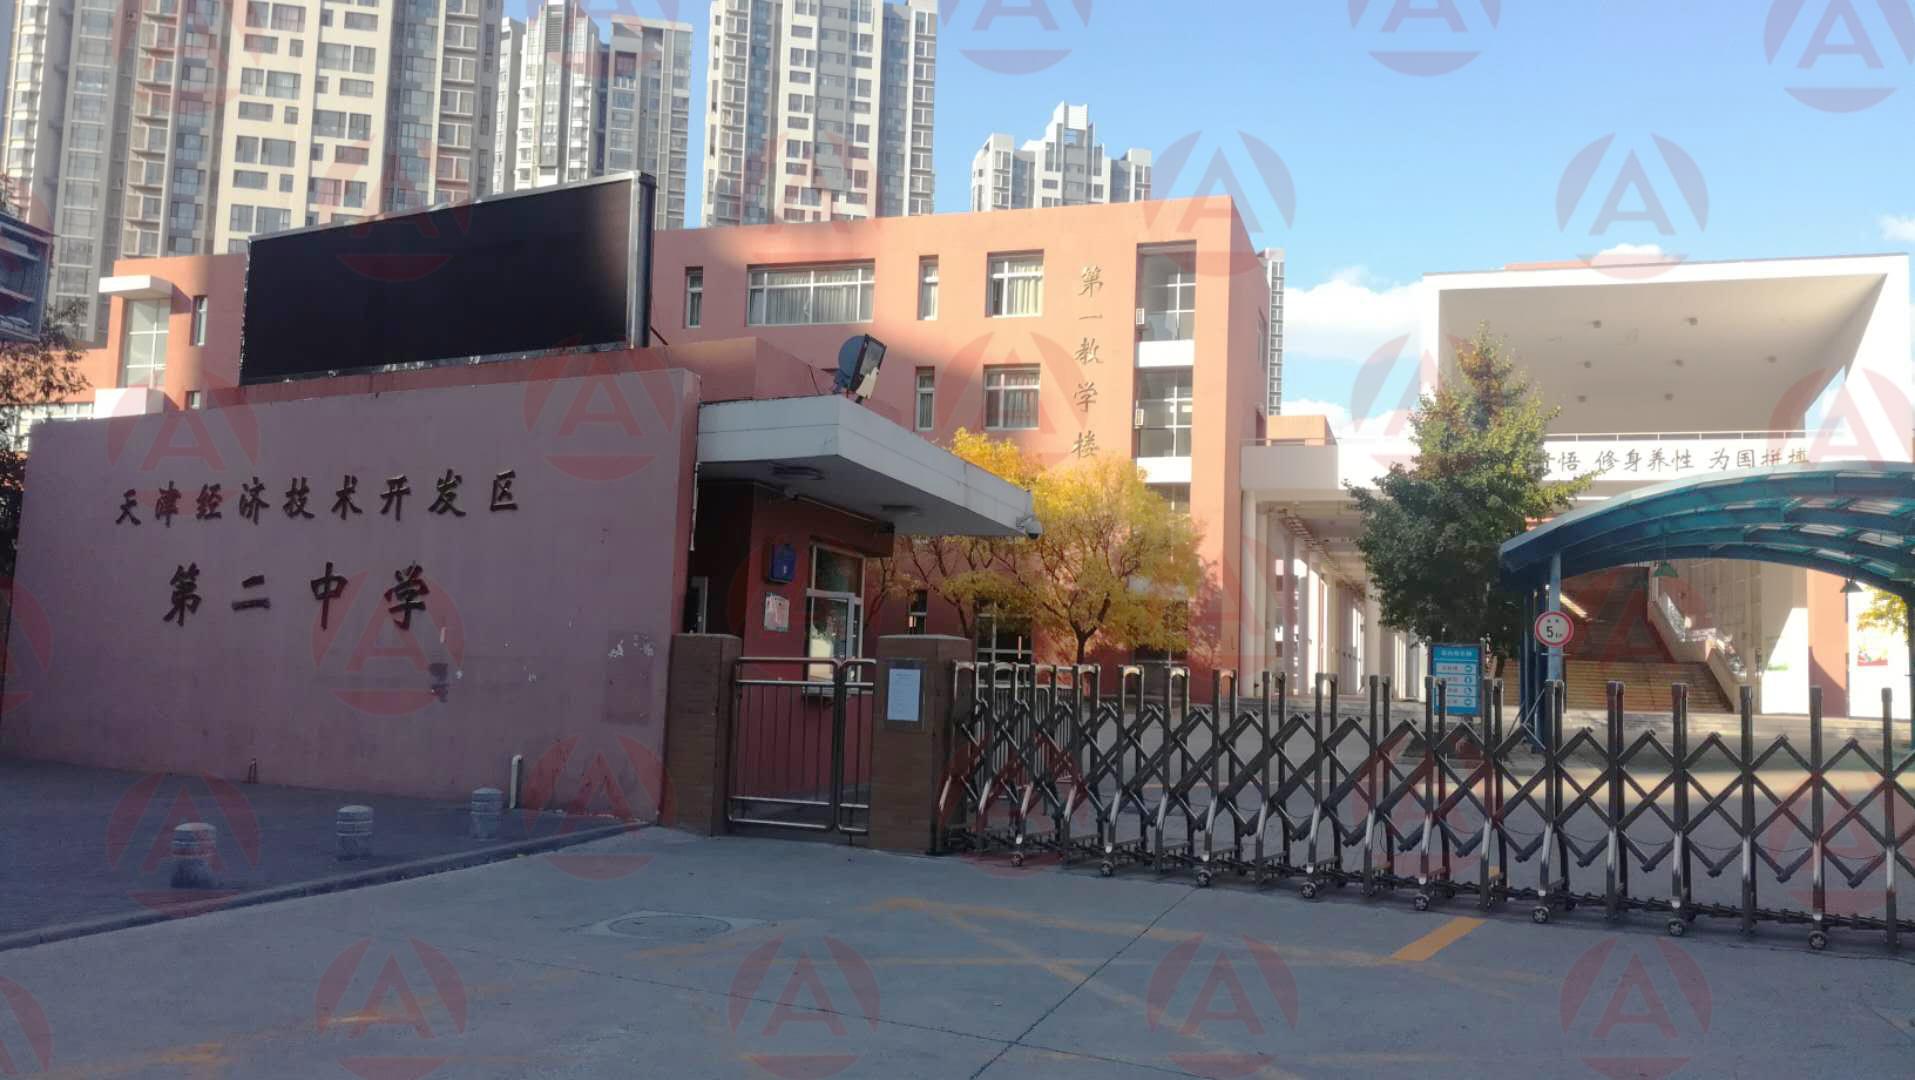 激光對射案例——天津市某開發區第二中學